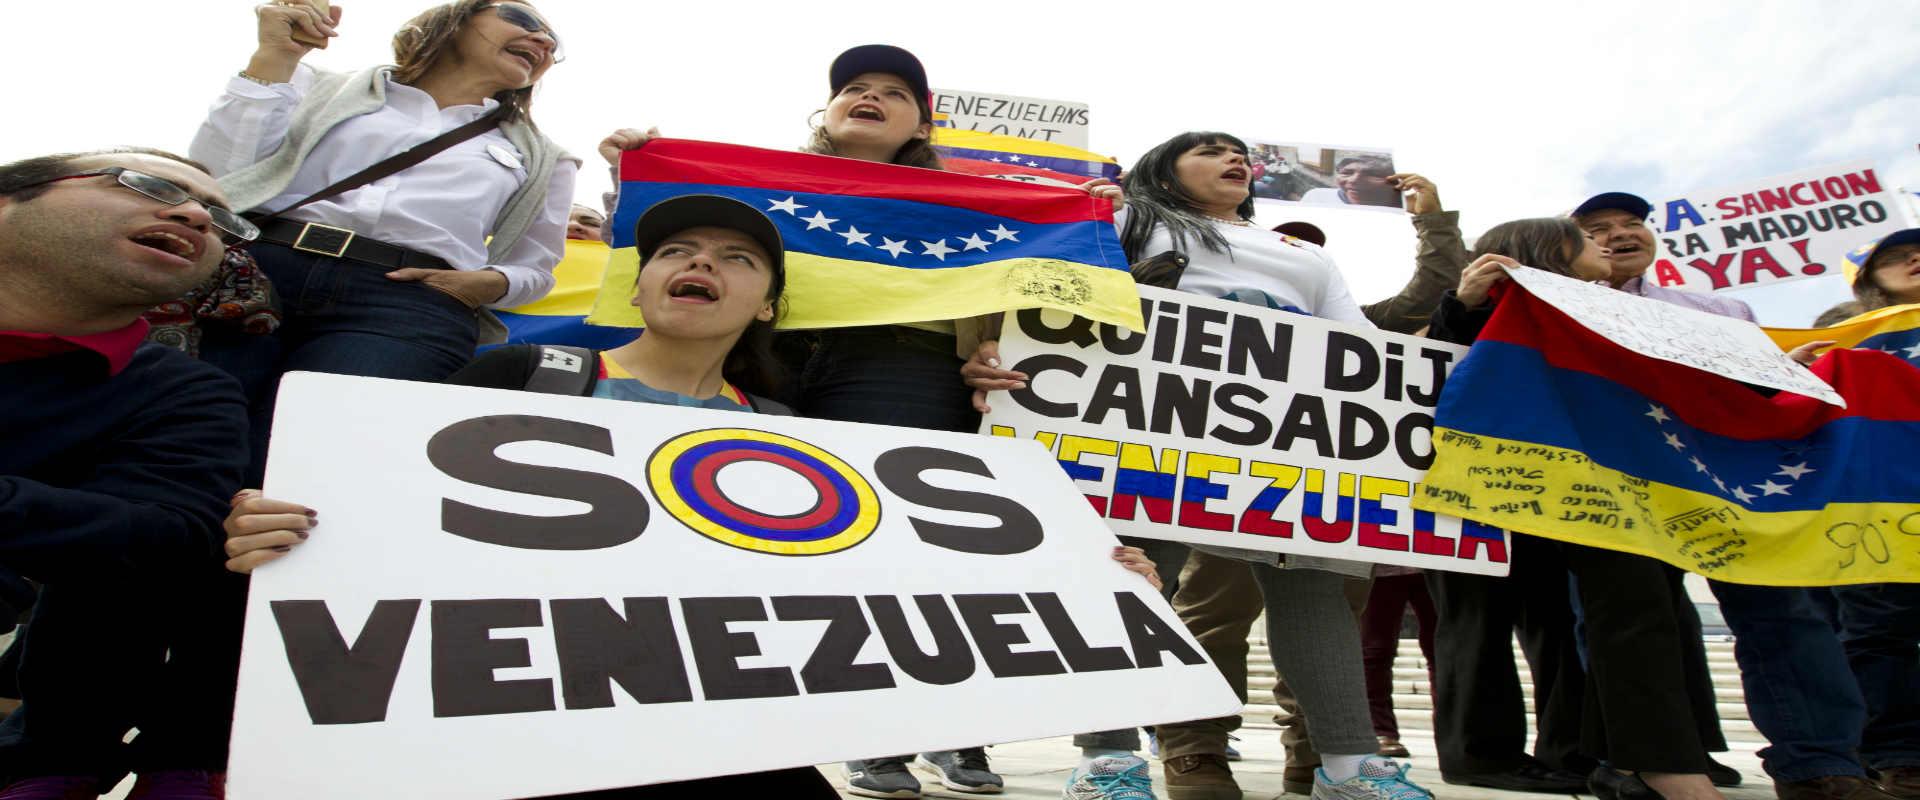 מפגינים נגד נשיא ונצואלה ניקולס מדורו, וושינגטון,